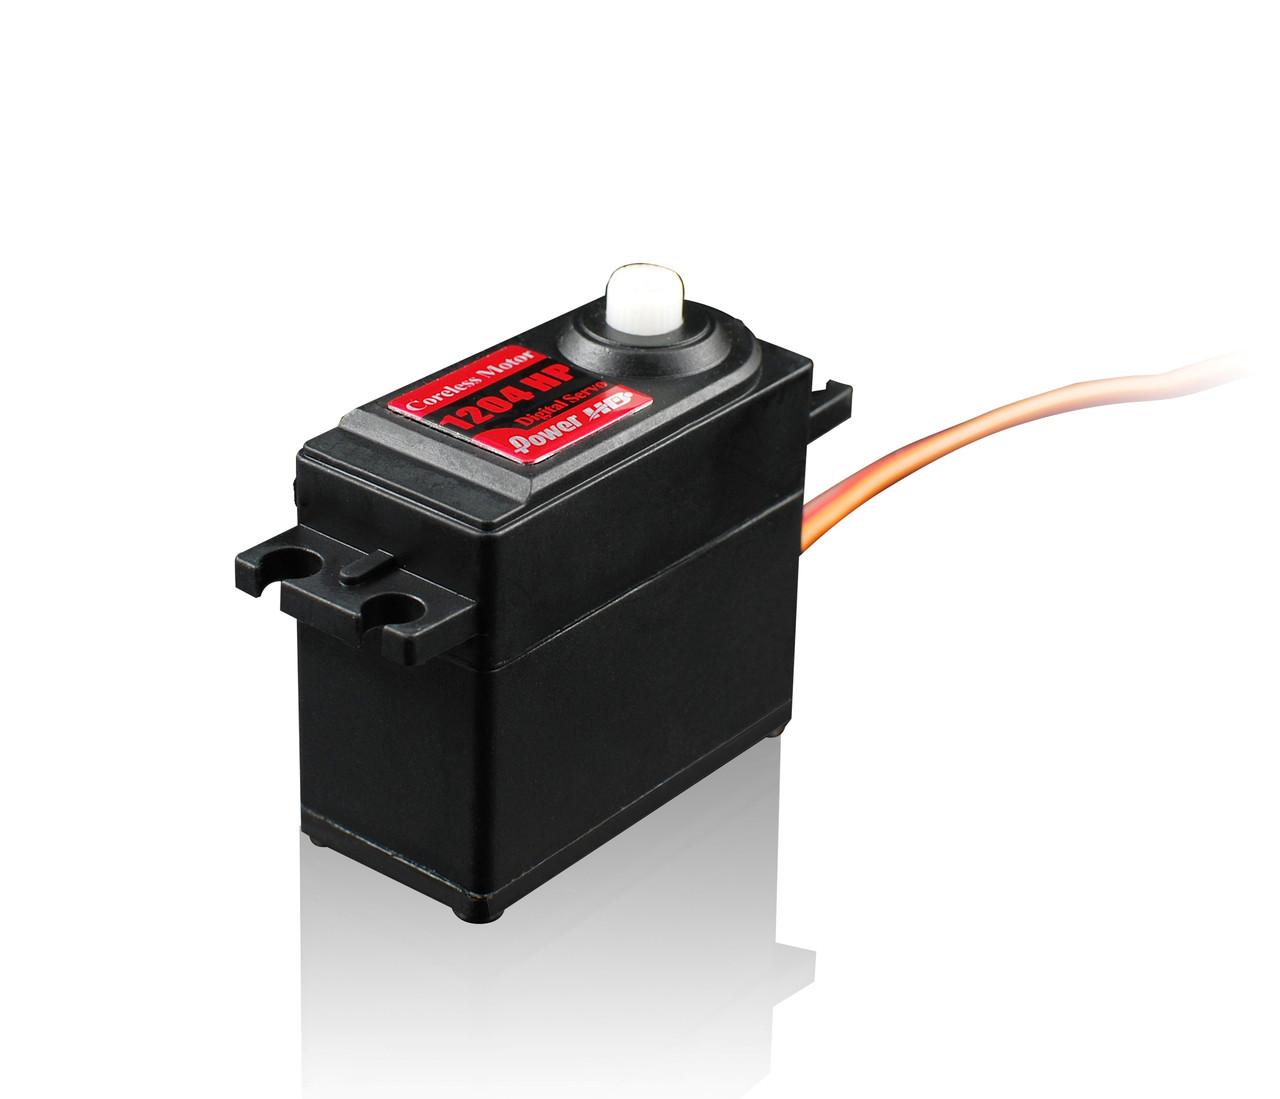 Сервопривід стандарт 50г Power HD 1204HP 4кг/0.06 сек цифровий